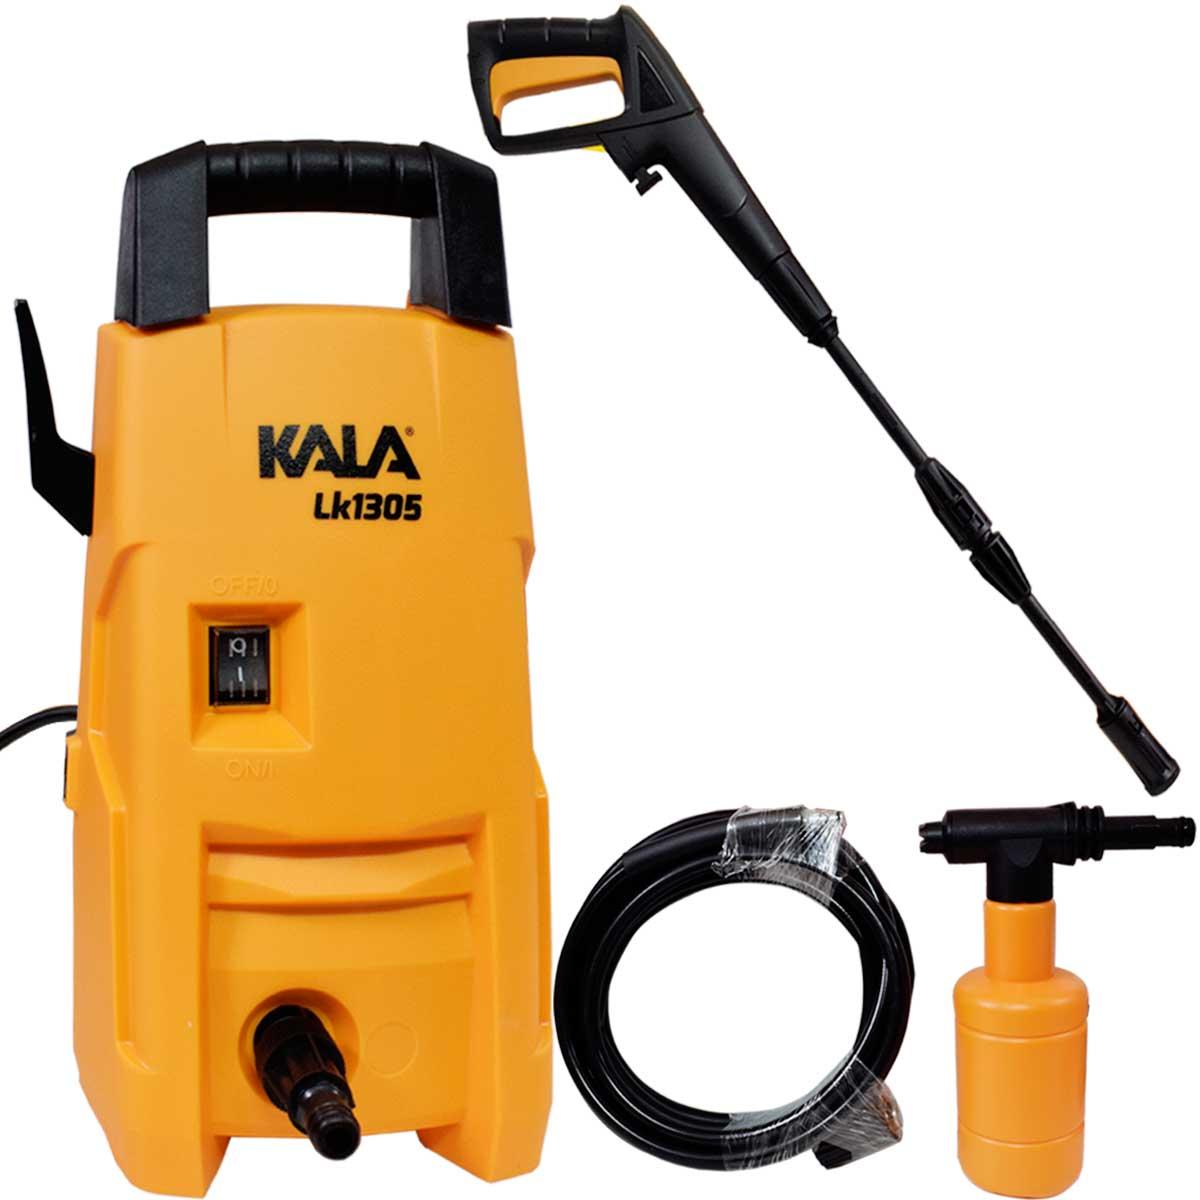 Lavadora Alta Pressão 127V LK1305 KALA 873110